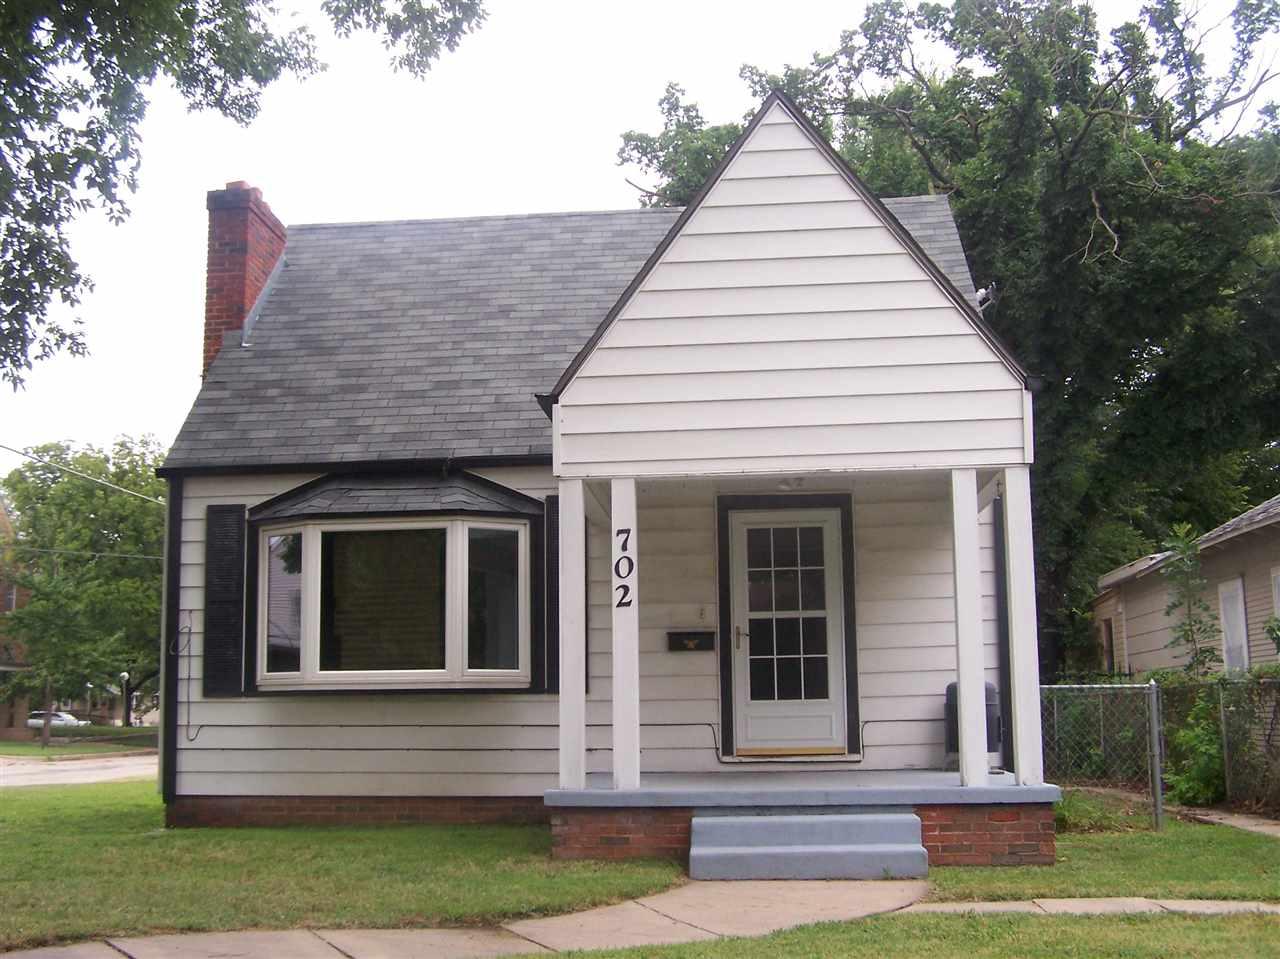 702 S Chautauqua Ave, Wichita, KS 67211